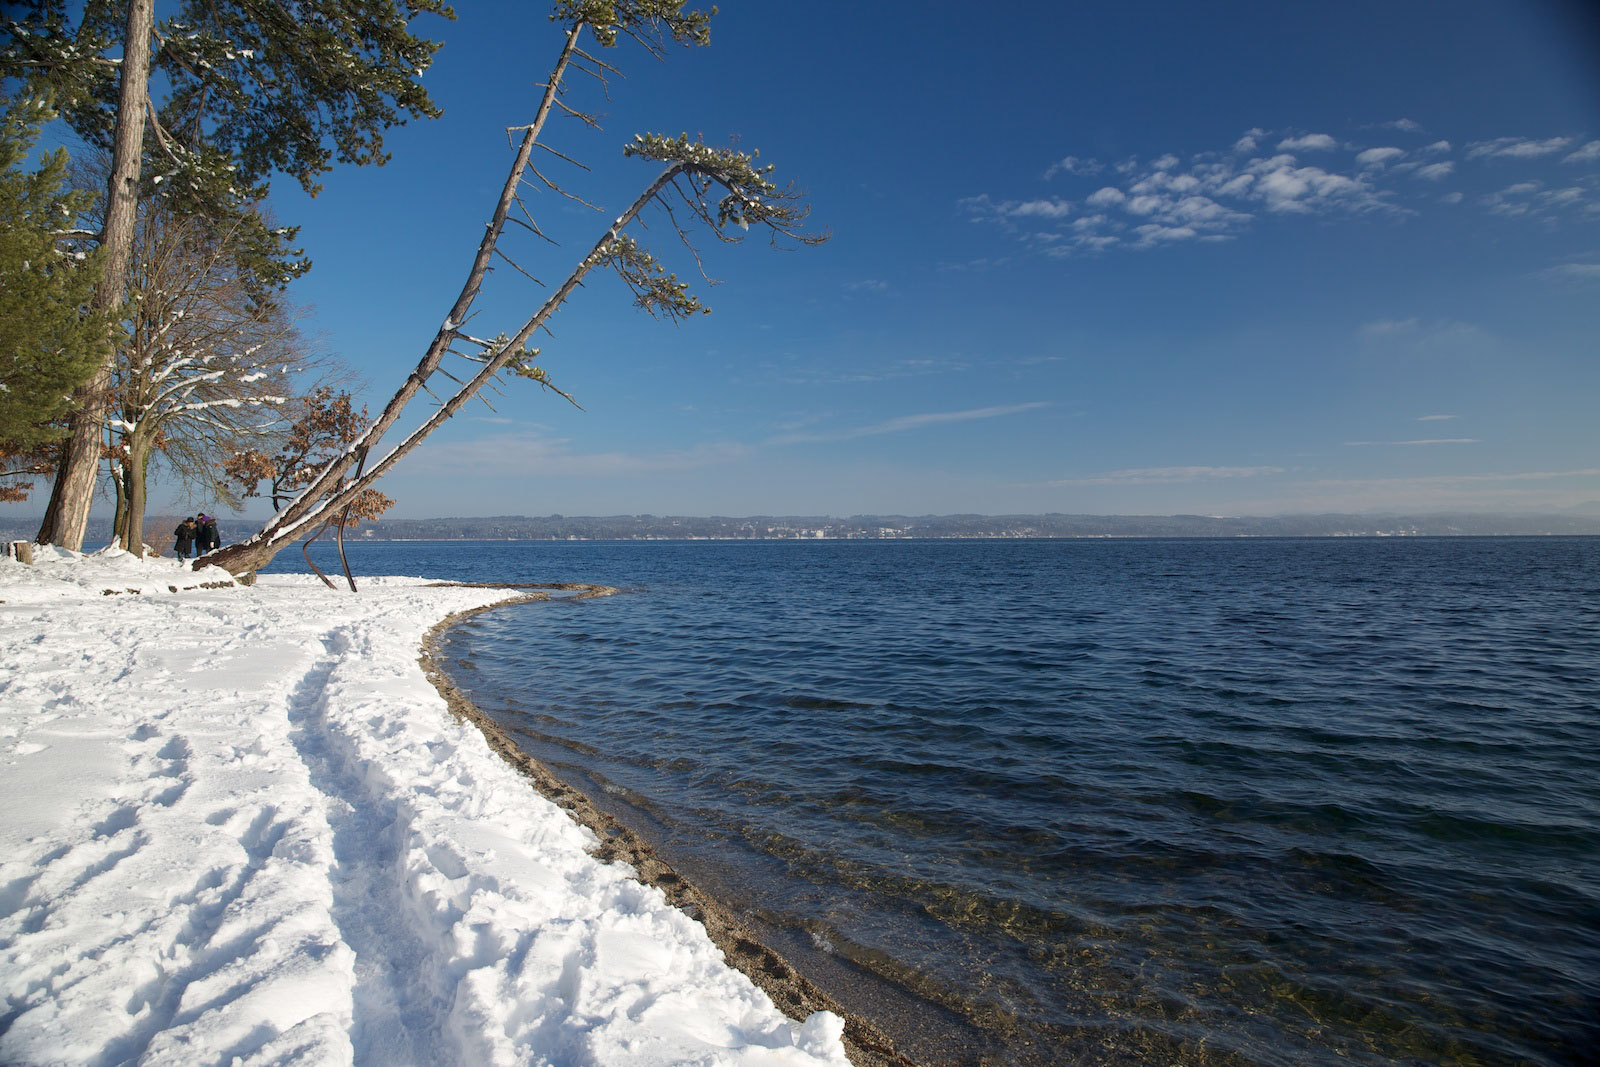 Starnberger_see_Häring_Winter.jpg